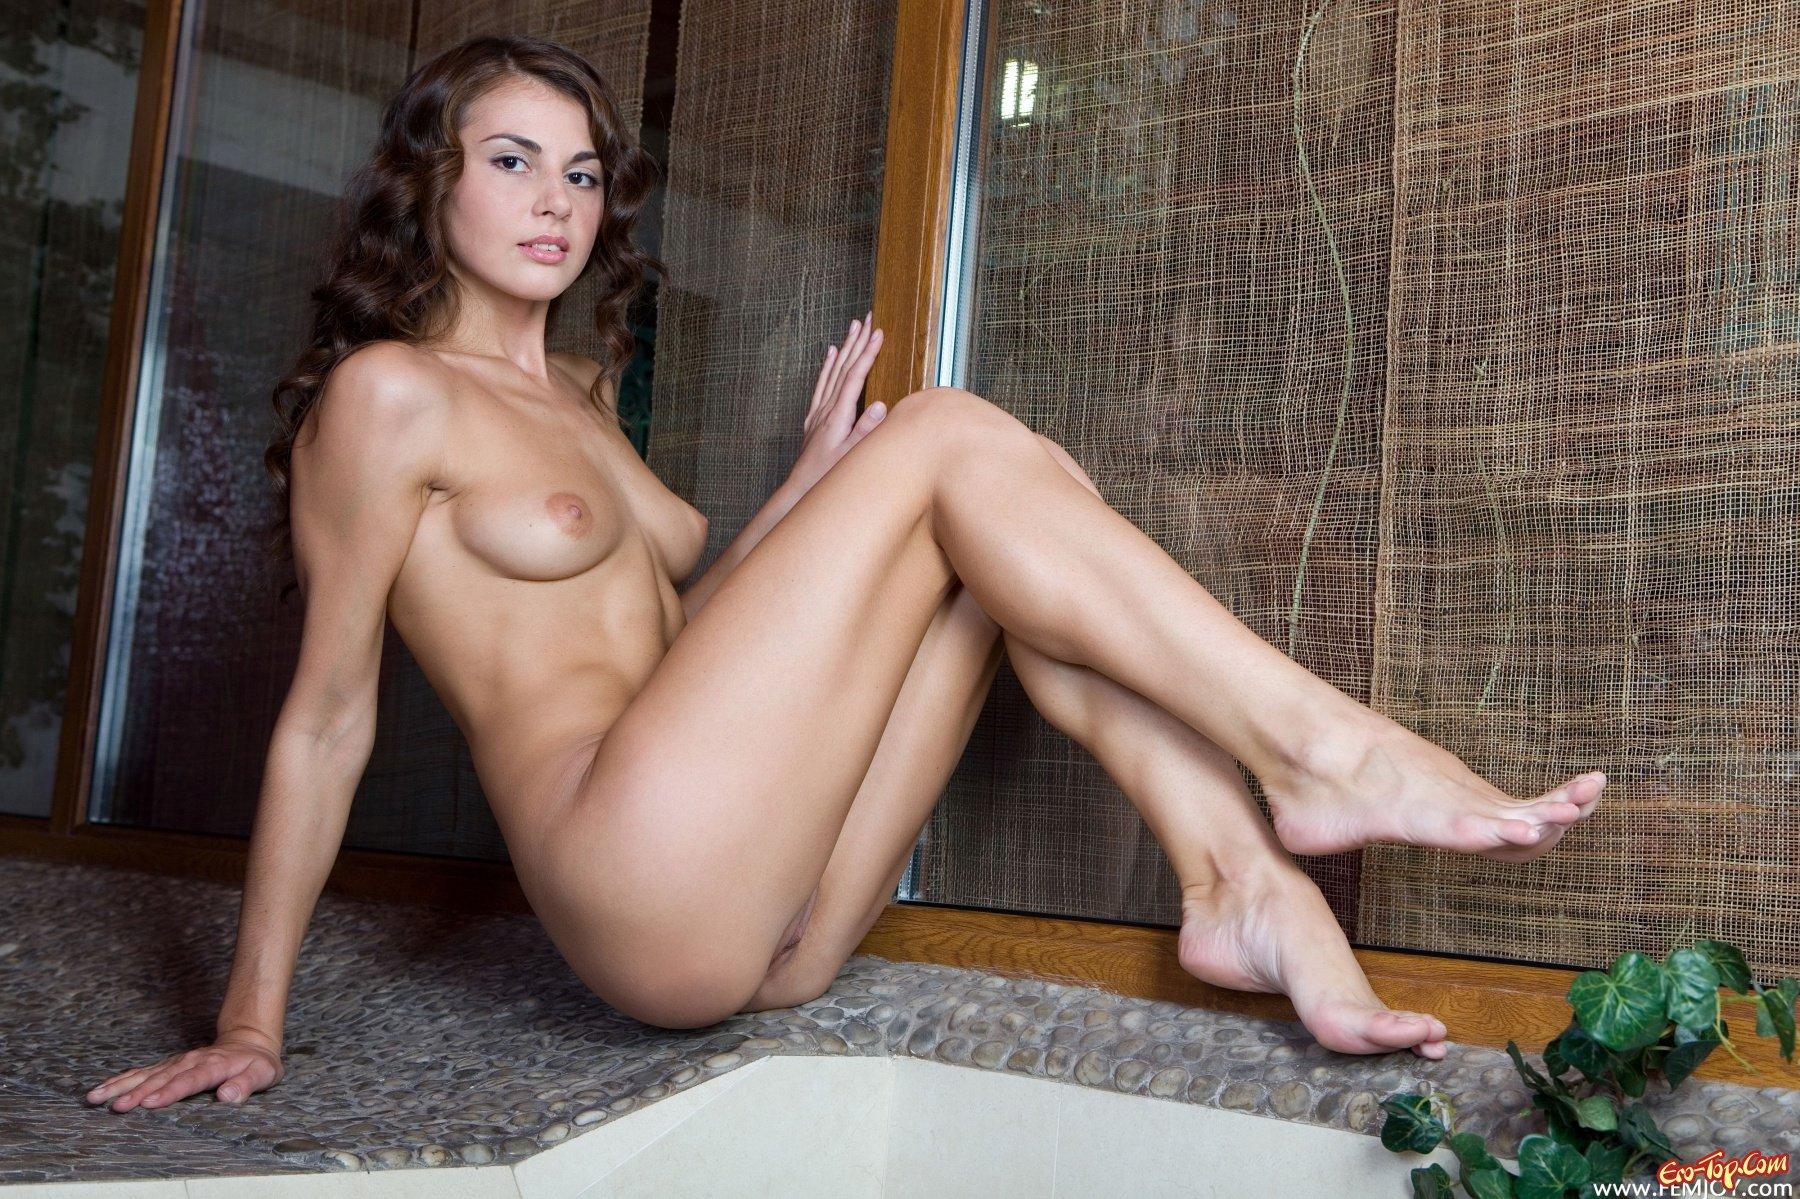 полнометражные порно фильмы с красивыми девушками онлайн